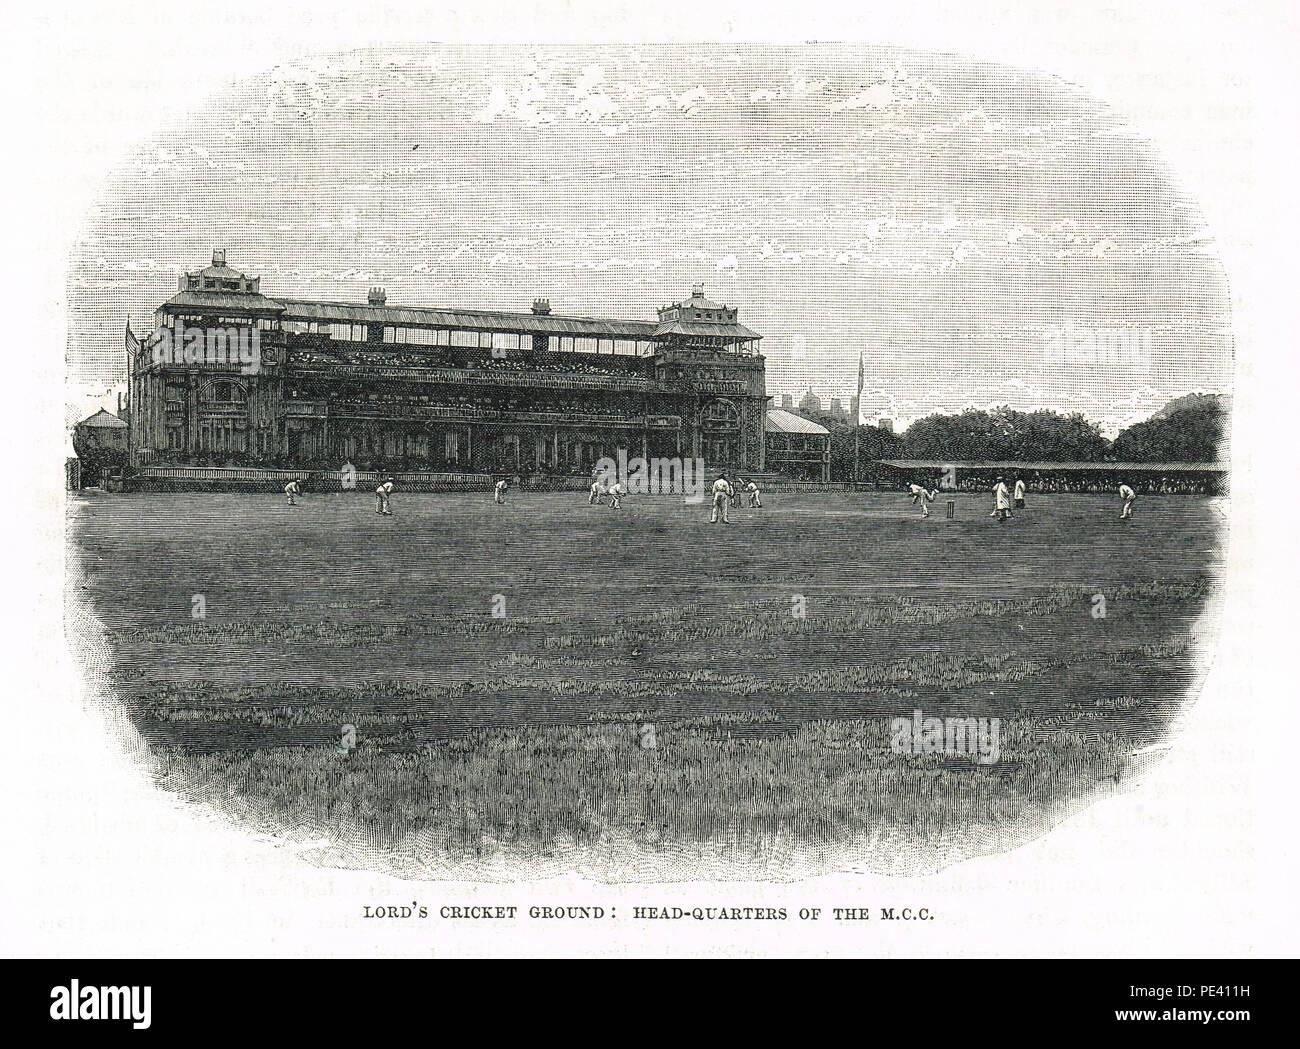 Il Lord's Cricket Ground, sede del M C C, secolo XIX view Immagini Stock